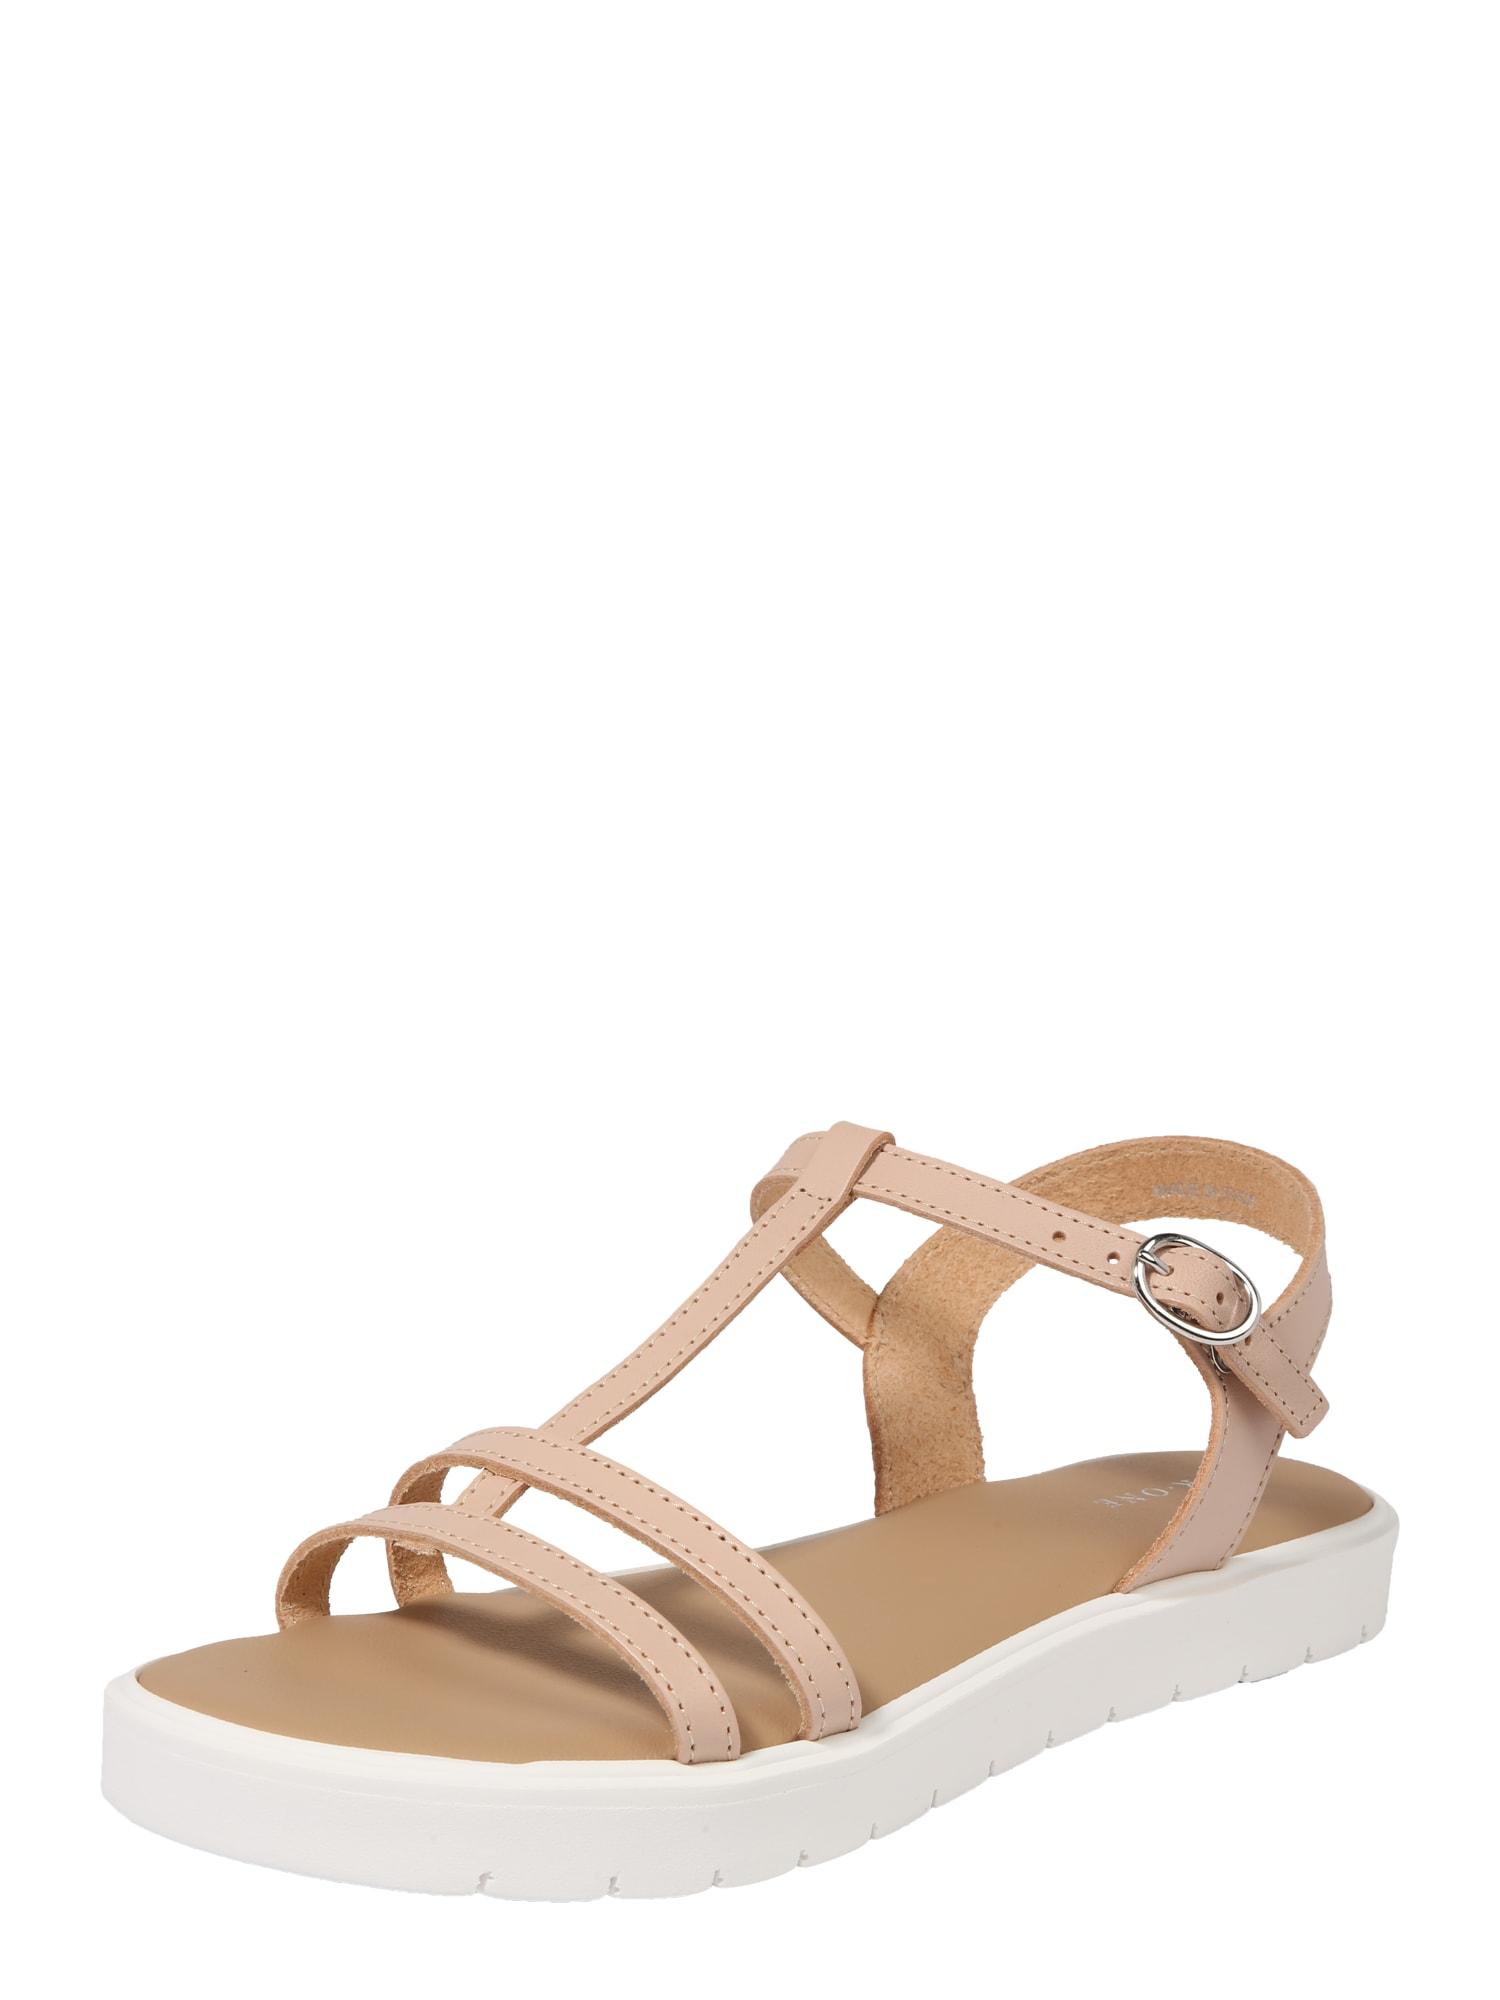 Páskové sandály iqzyy-jy pudrová bílá Pier One